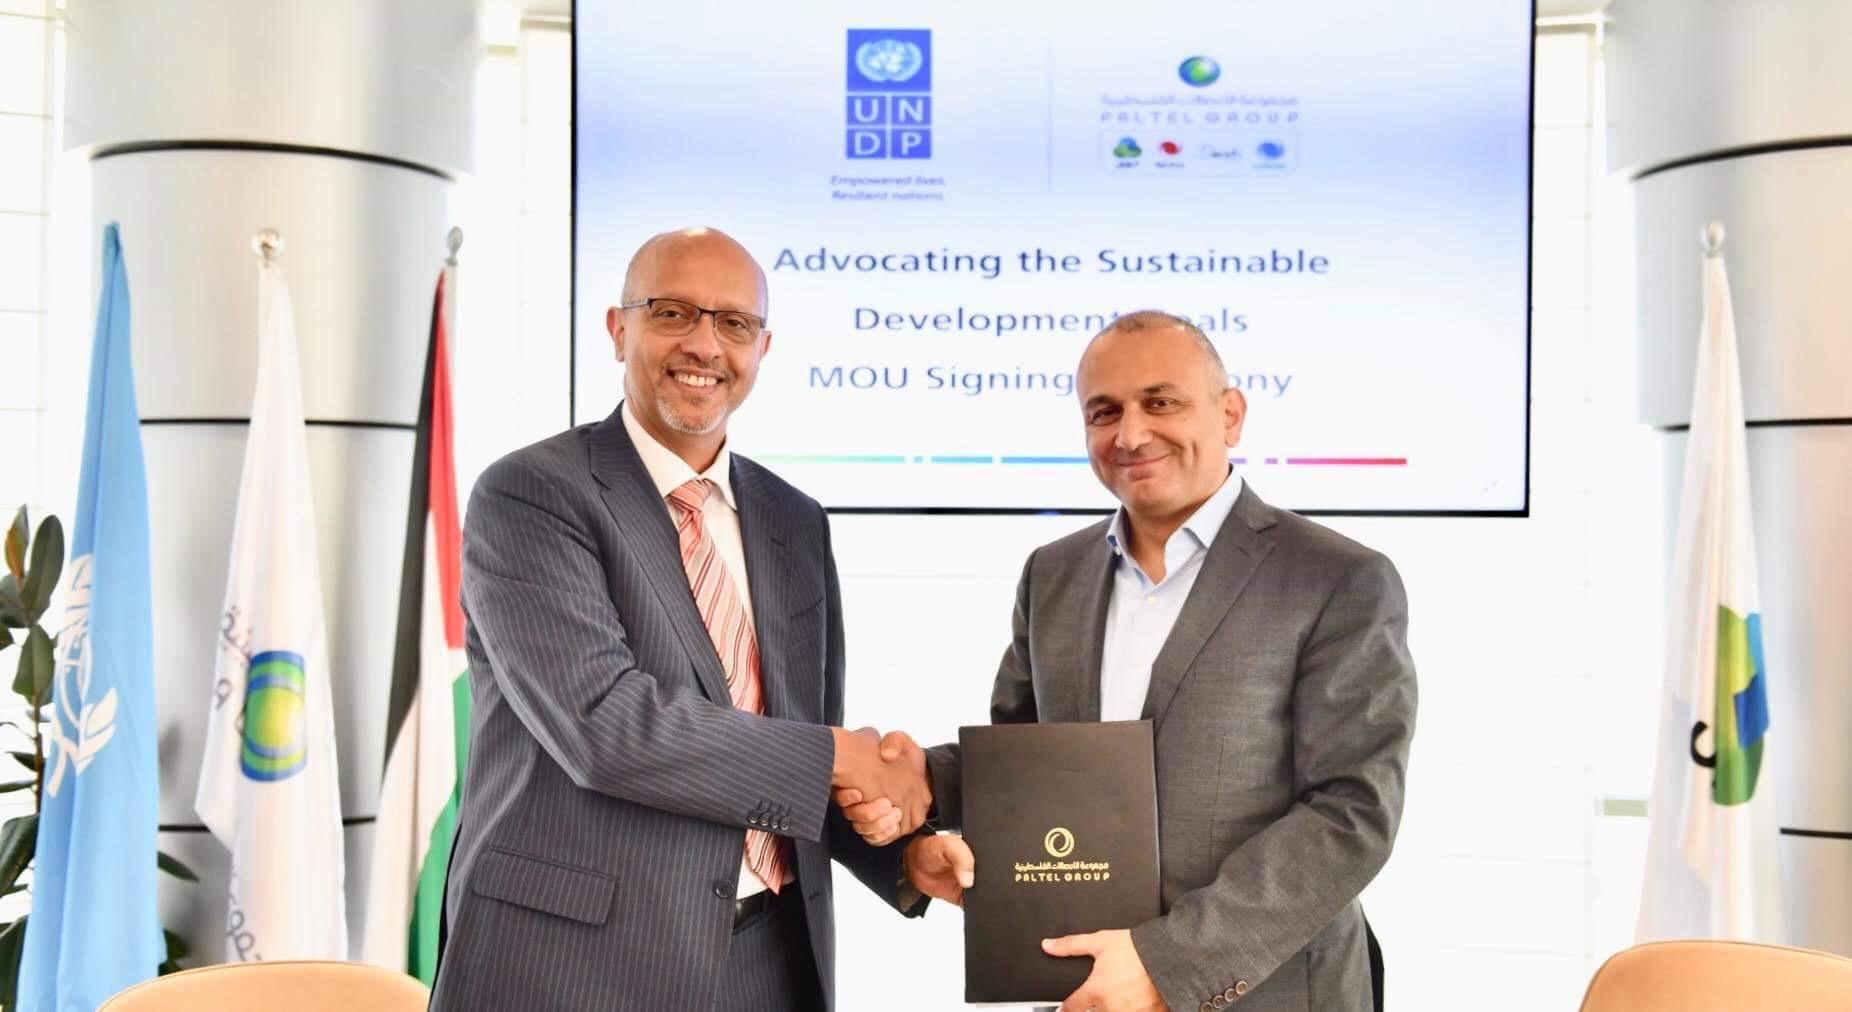 برنامج الأمم المتحدة الانمائي ومجموعة الاتصالات الفلسطينية يوقعان مذكرة تفاهم لدعم اهداف التنمية المستدامة